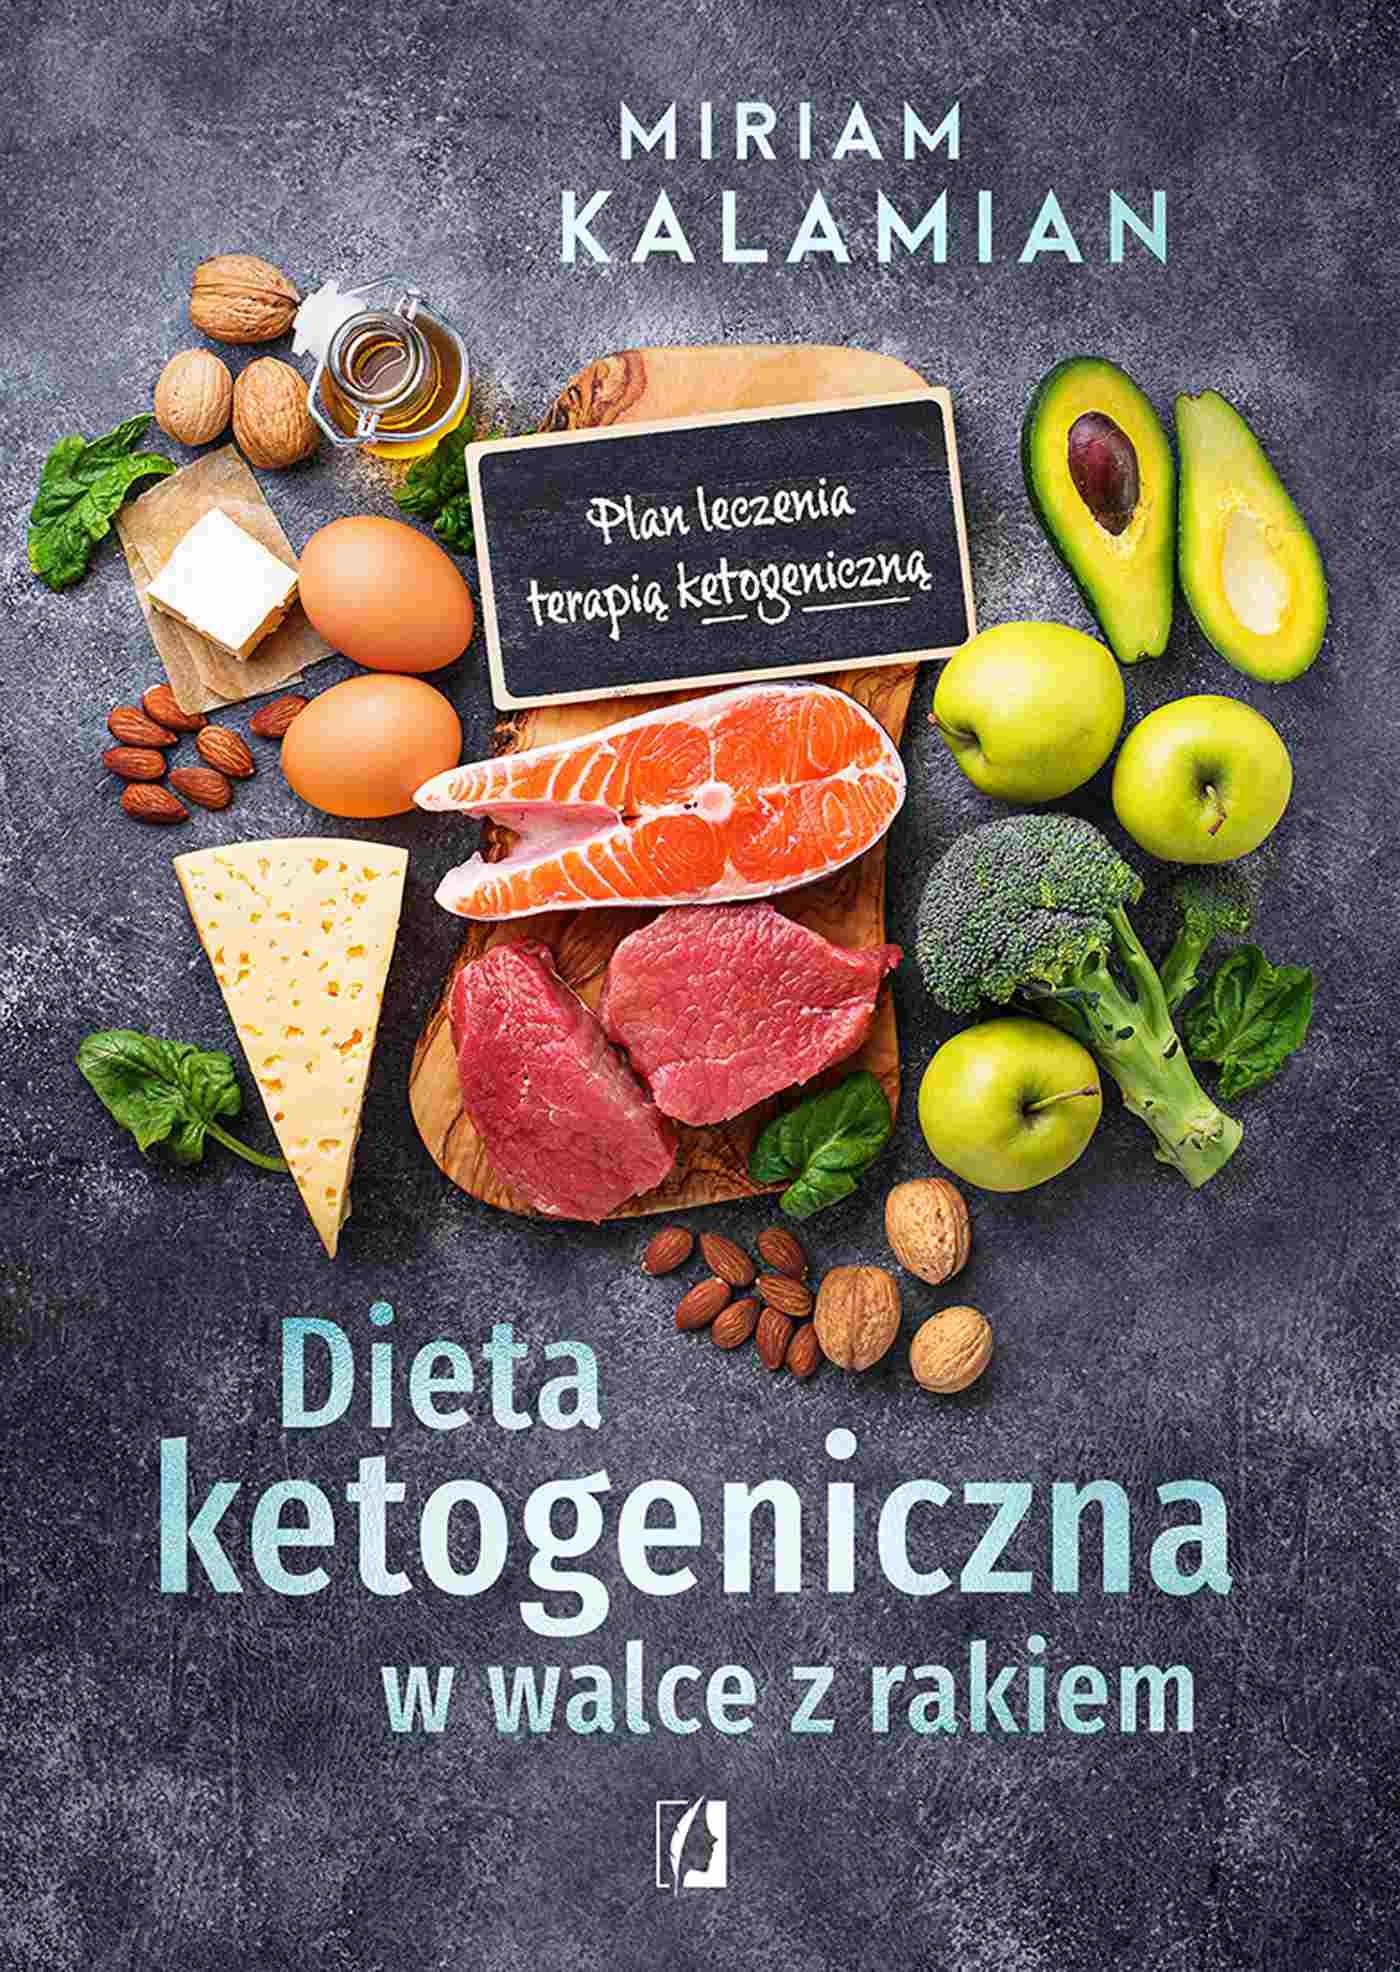 Dieta ketogeniczna w walce z rakiem. Plan leczenia terapią ketogeniczną - Ebook (Książka EPUB) do pobrania w formacie EPUB